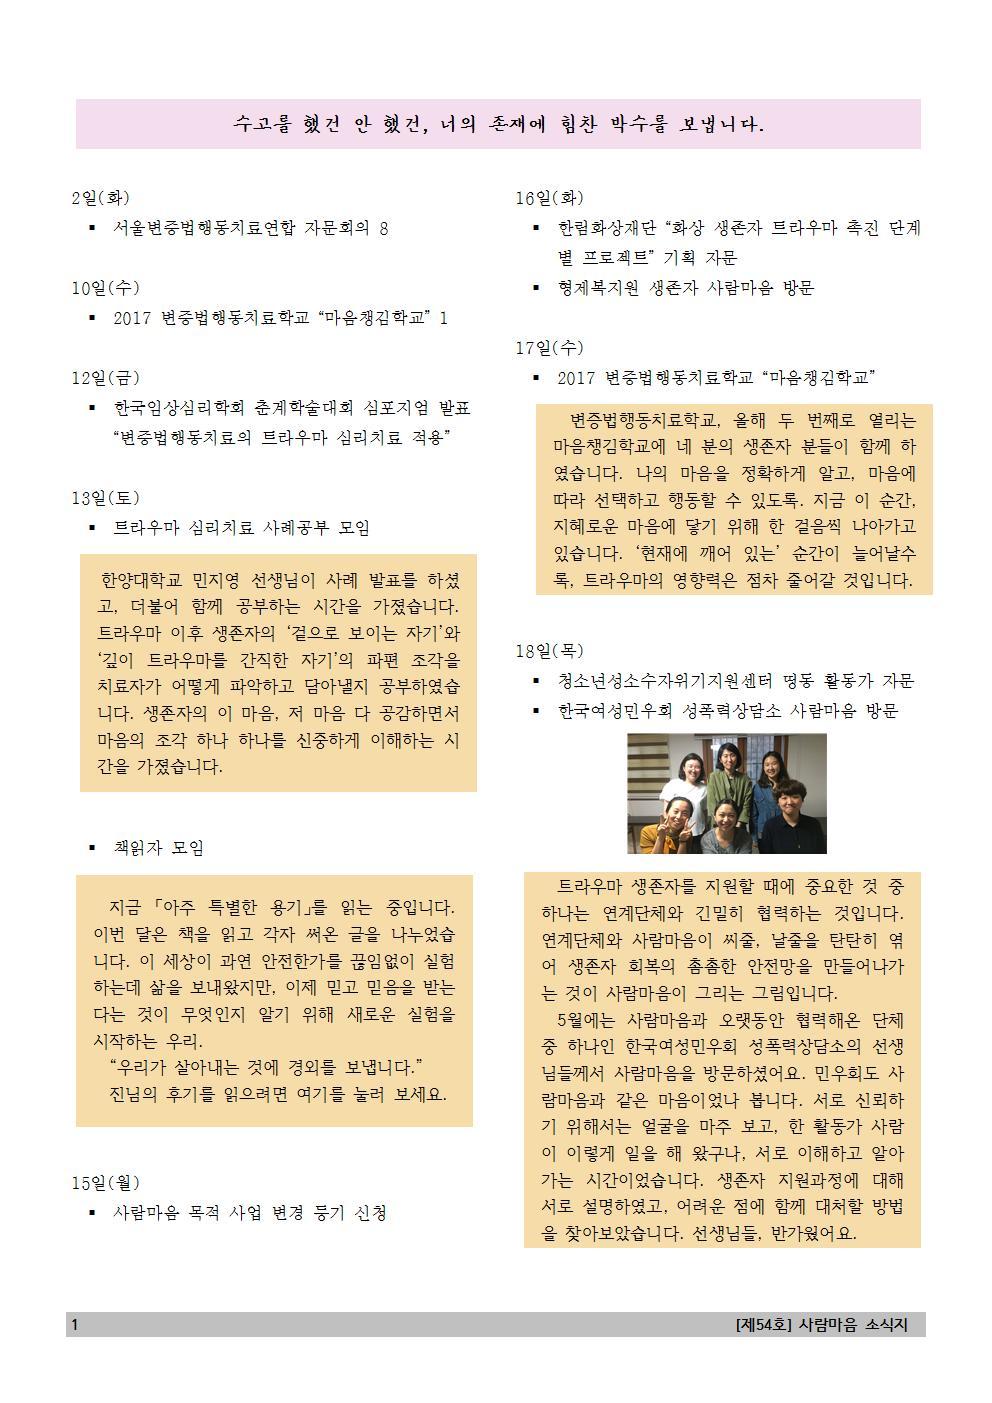 201706_54th_news letter (2).jpg